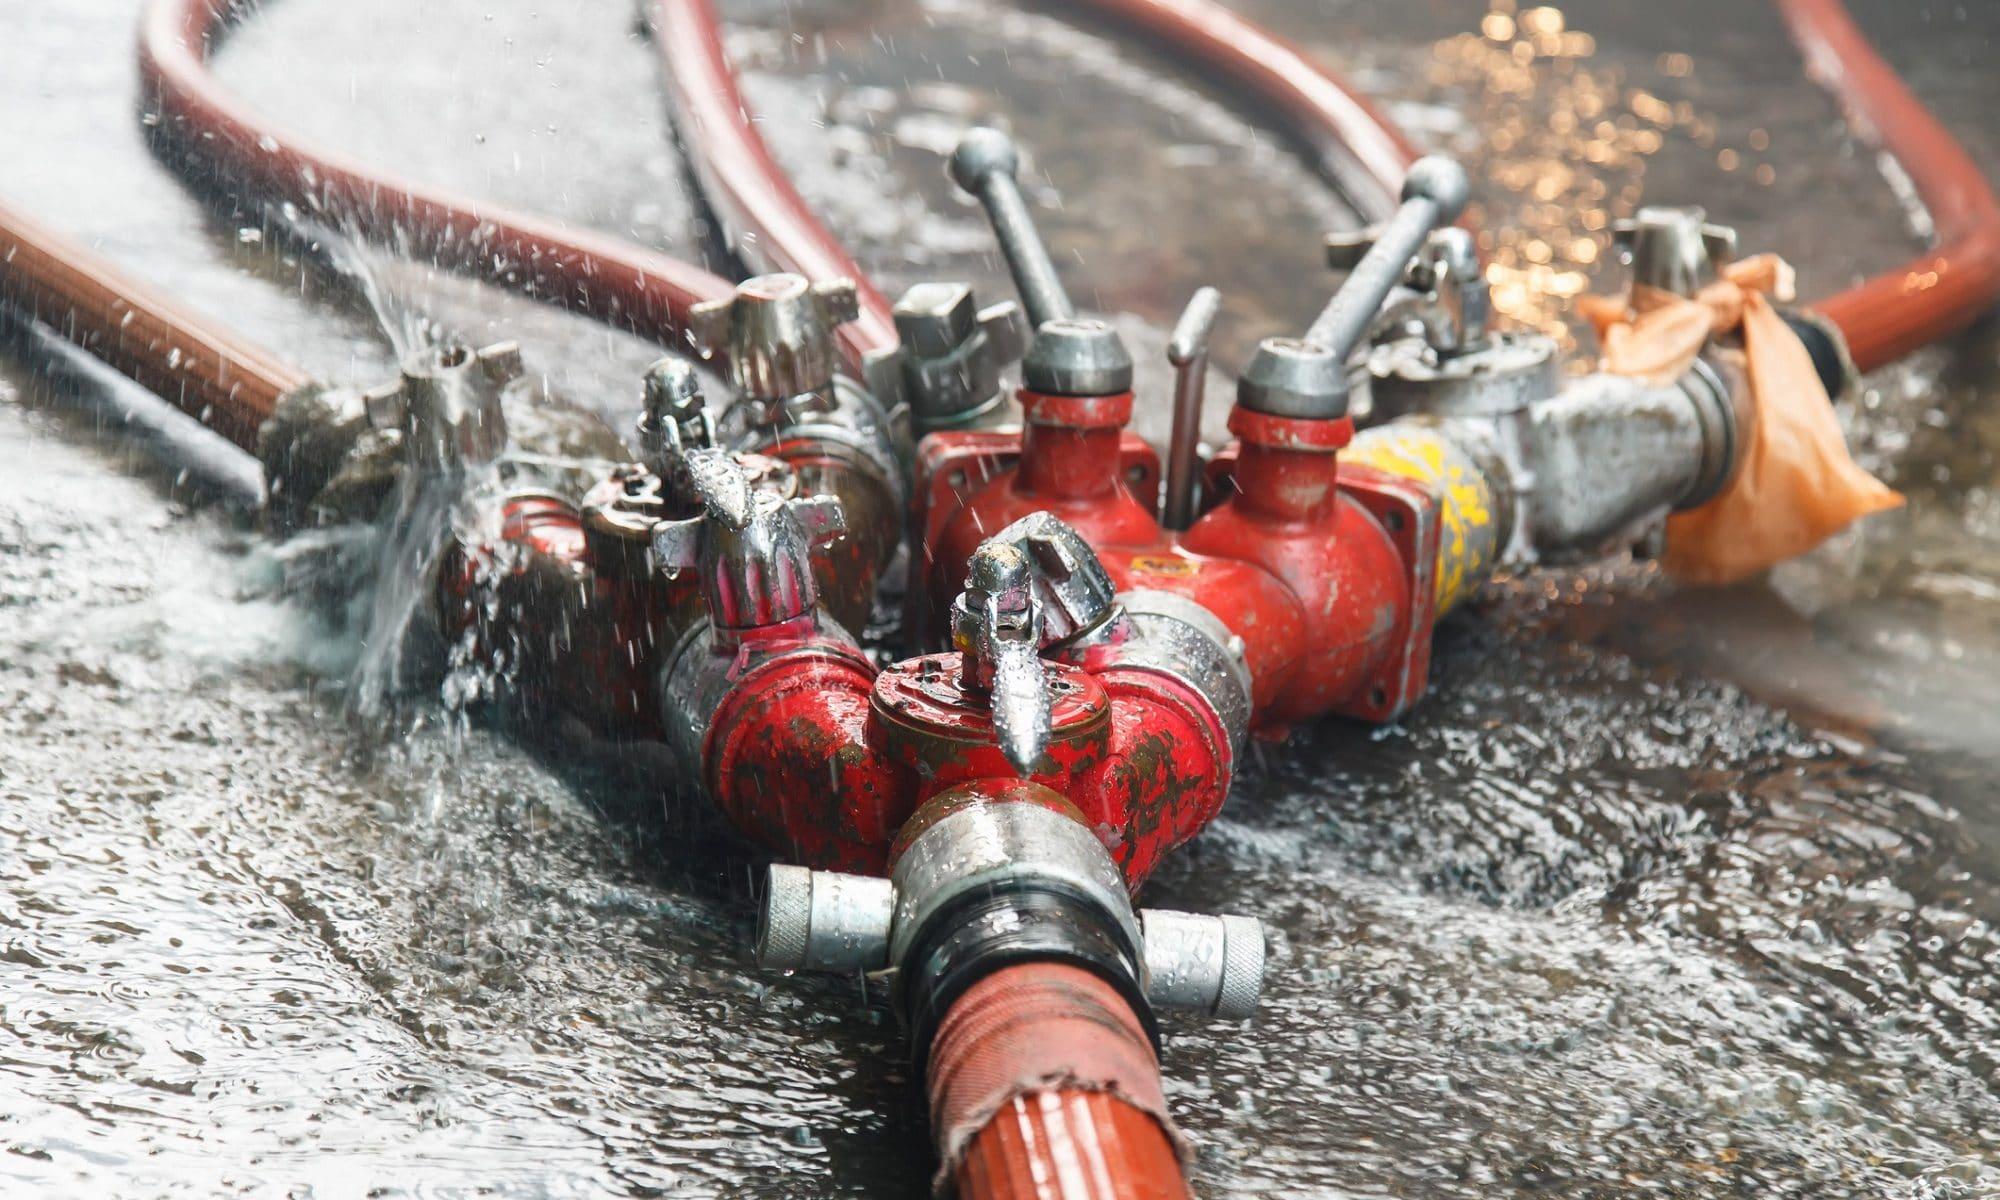 Podłączone węże strażackie